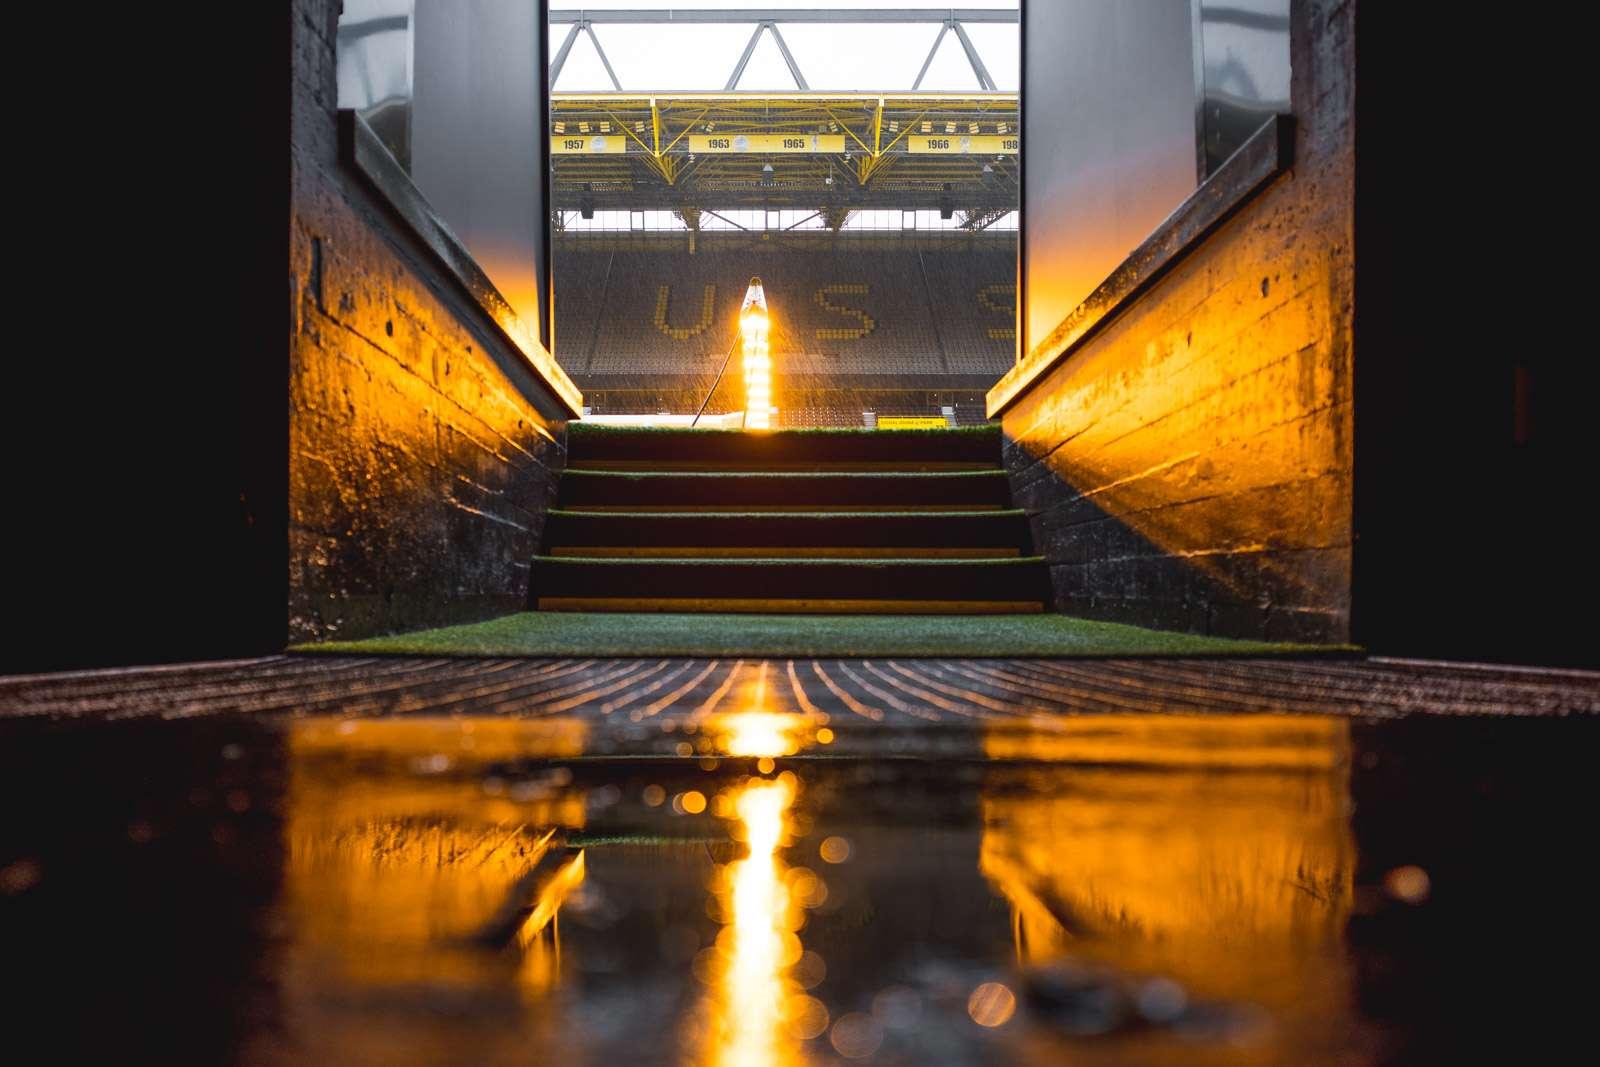 Stadion Fütze in Dortmund